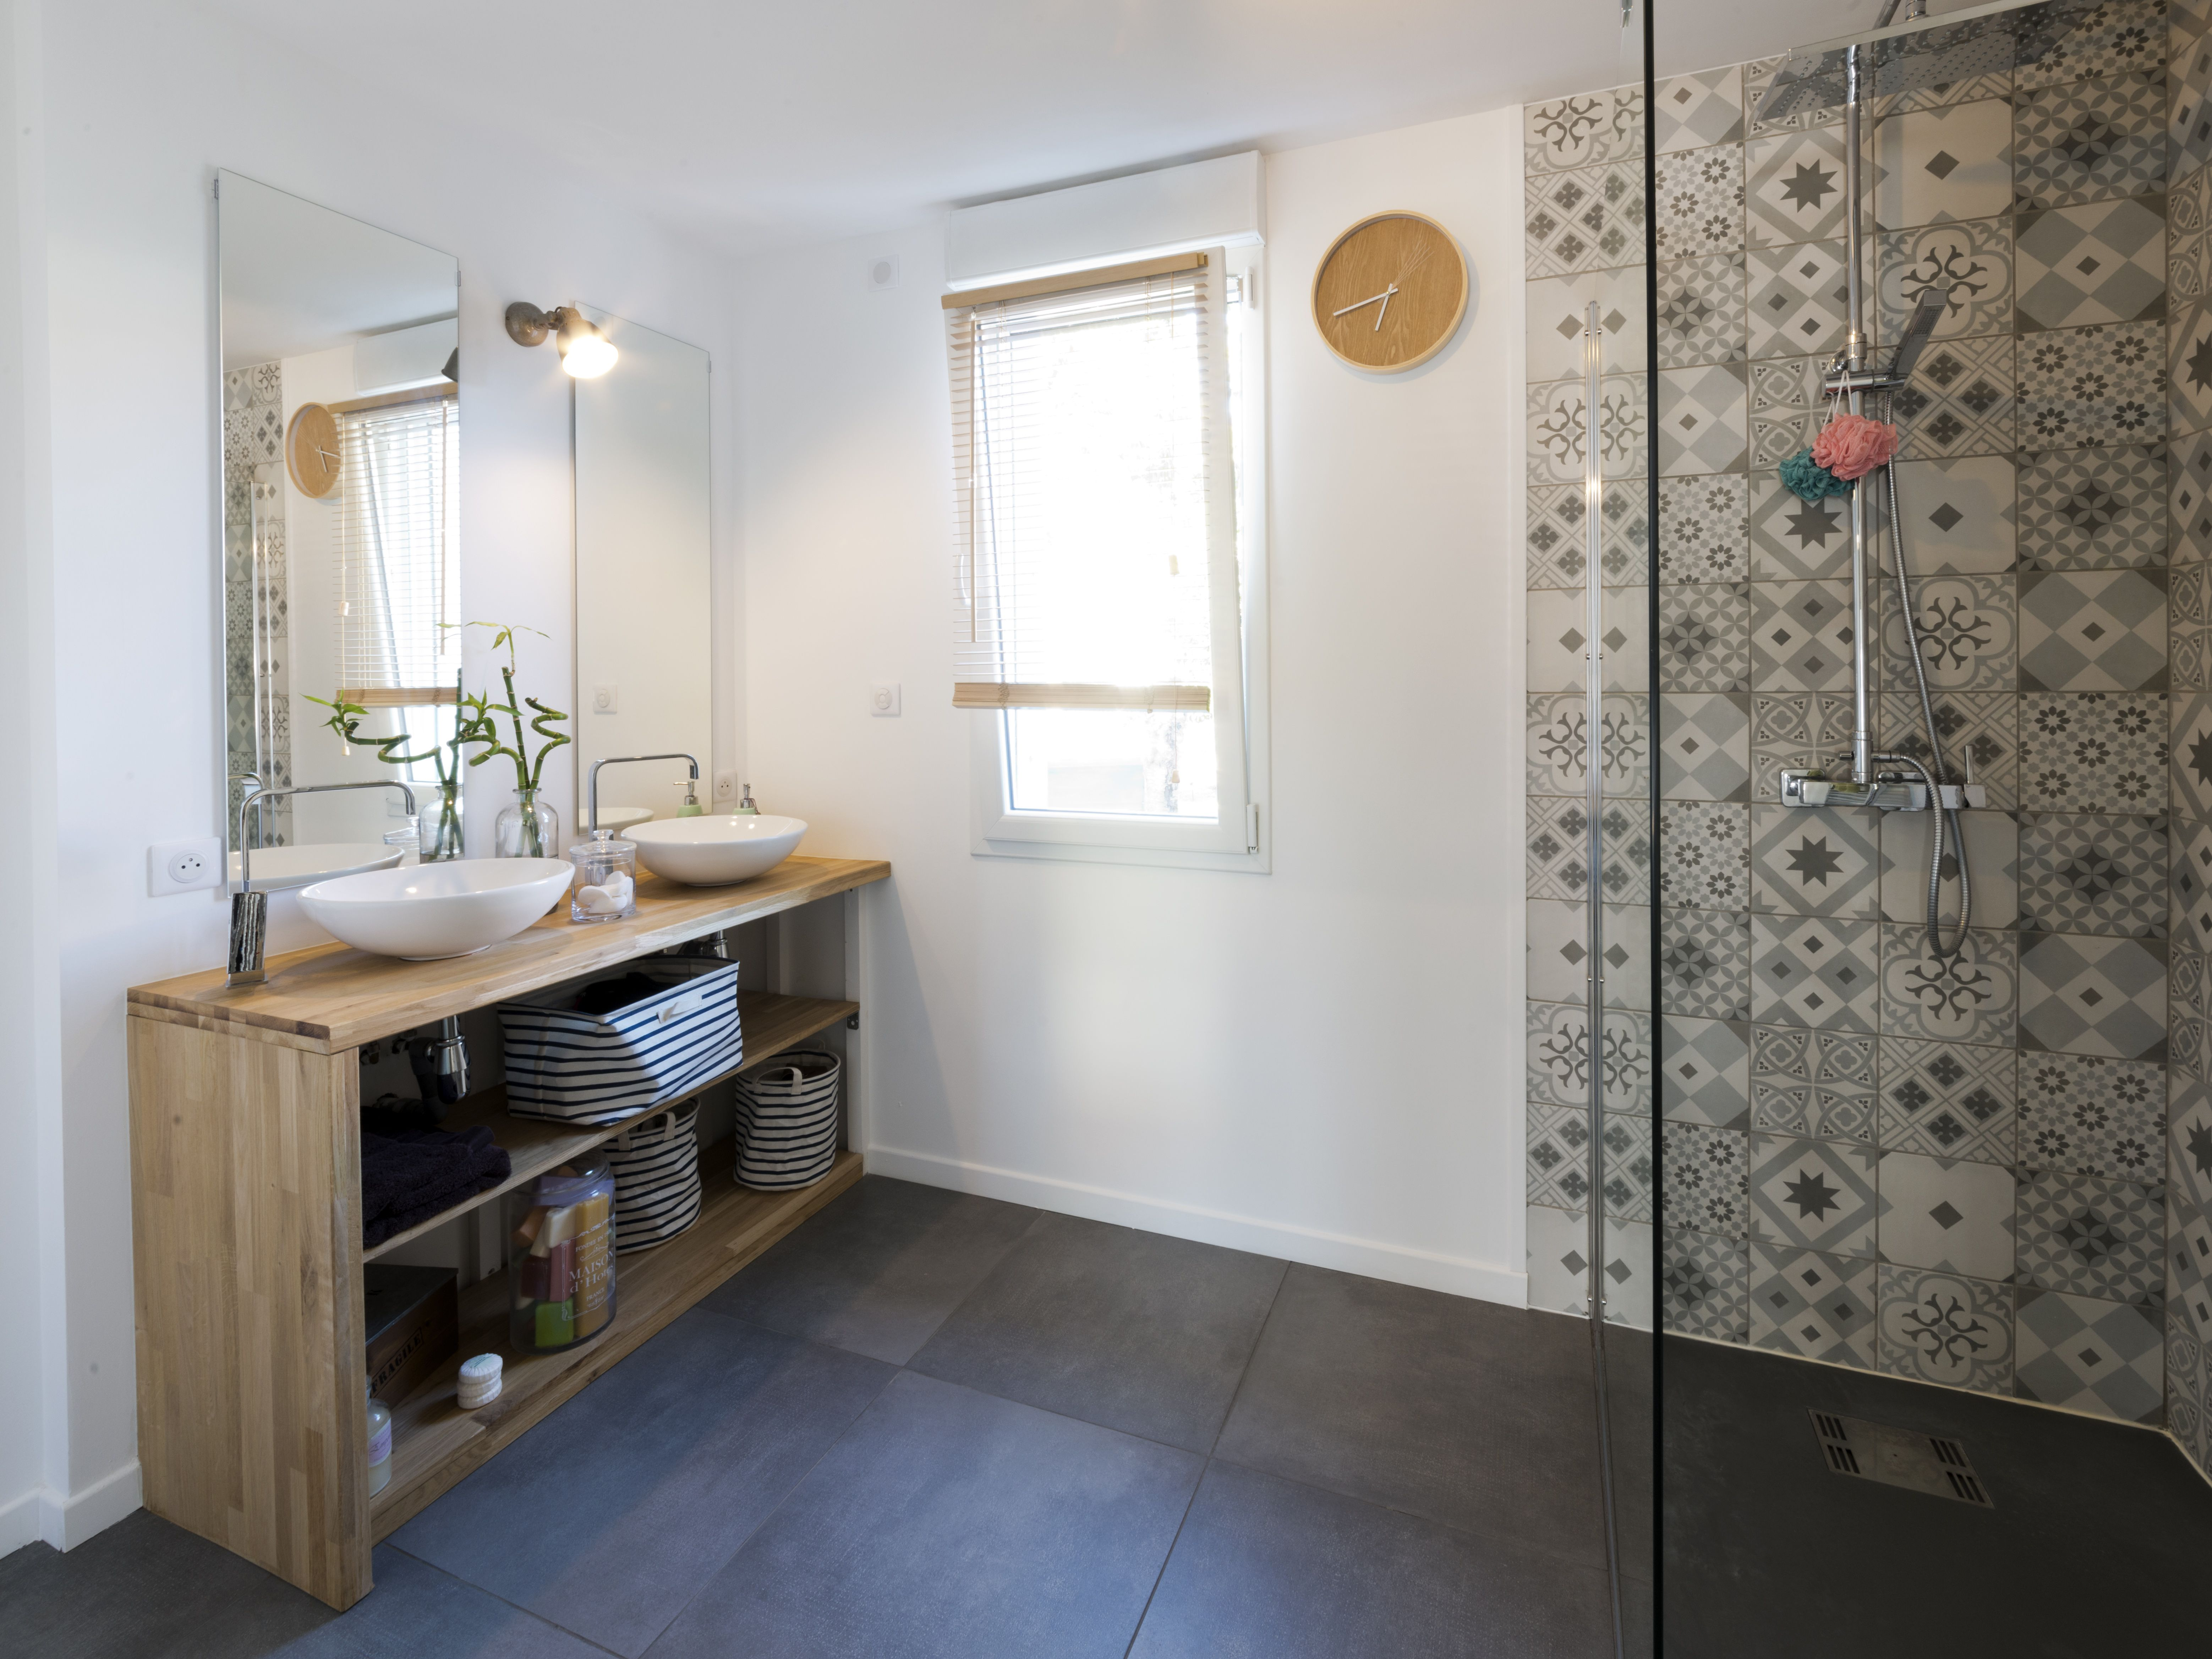 Une salle de bains pour les parents avec une douche l - Douche a l italienne petite salle de bain ...